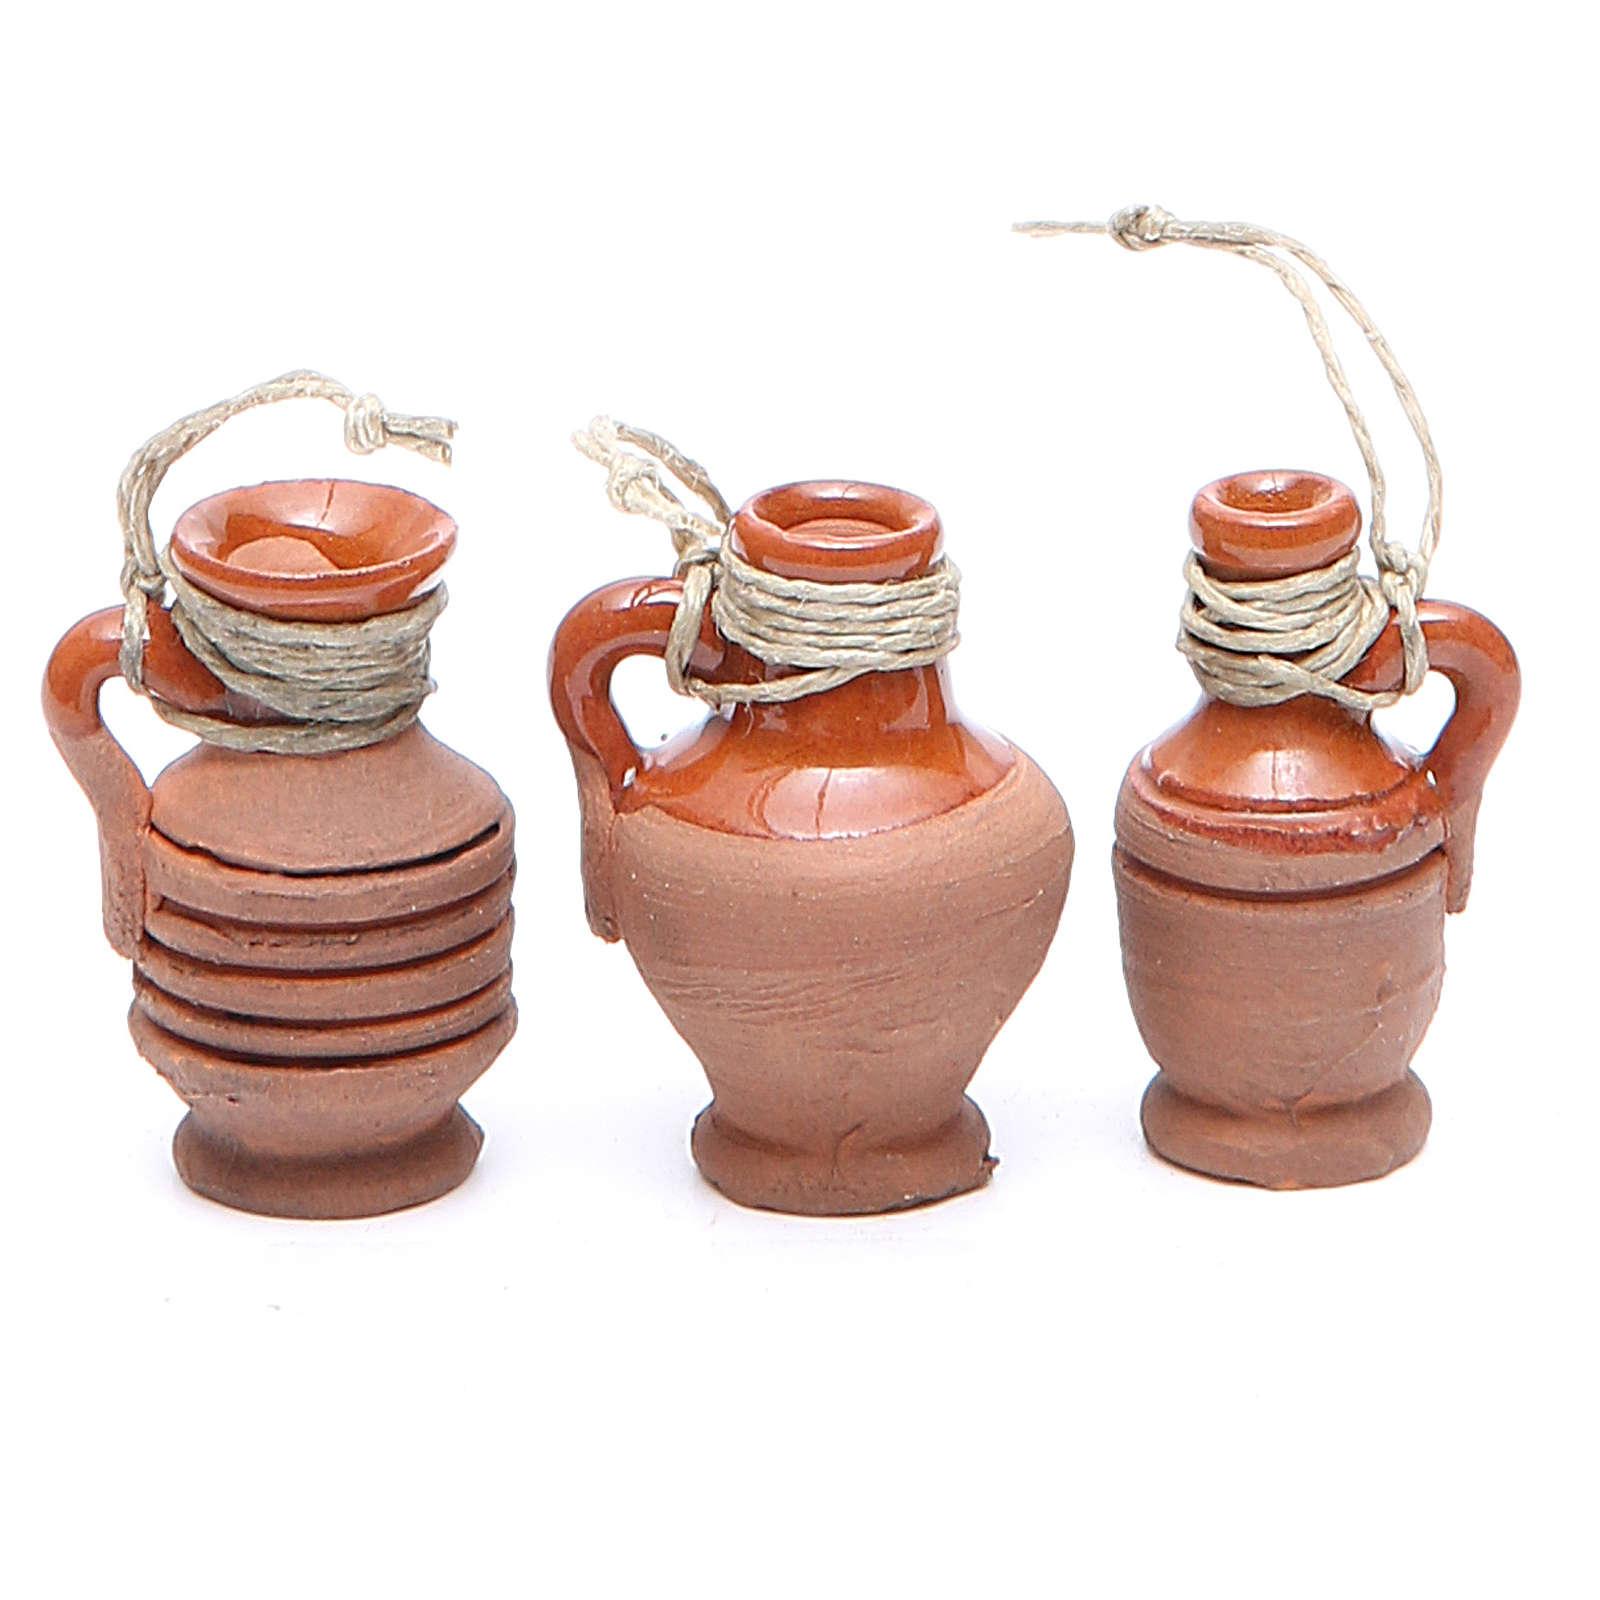 Botellas terracota 3 cm modelos surtidos 4